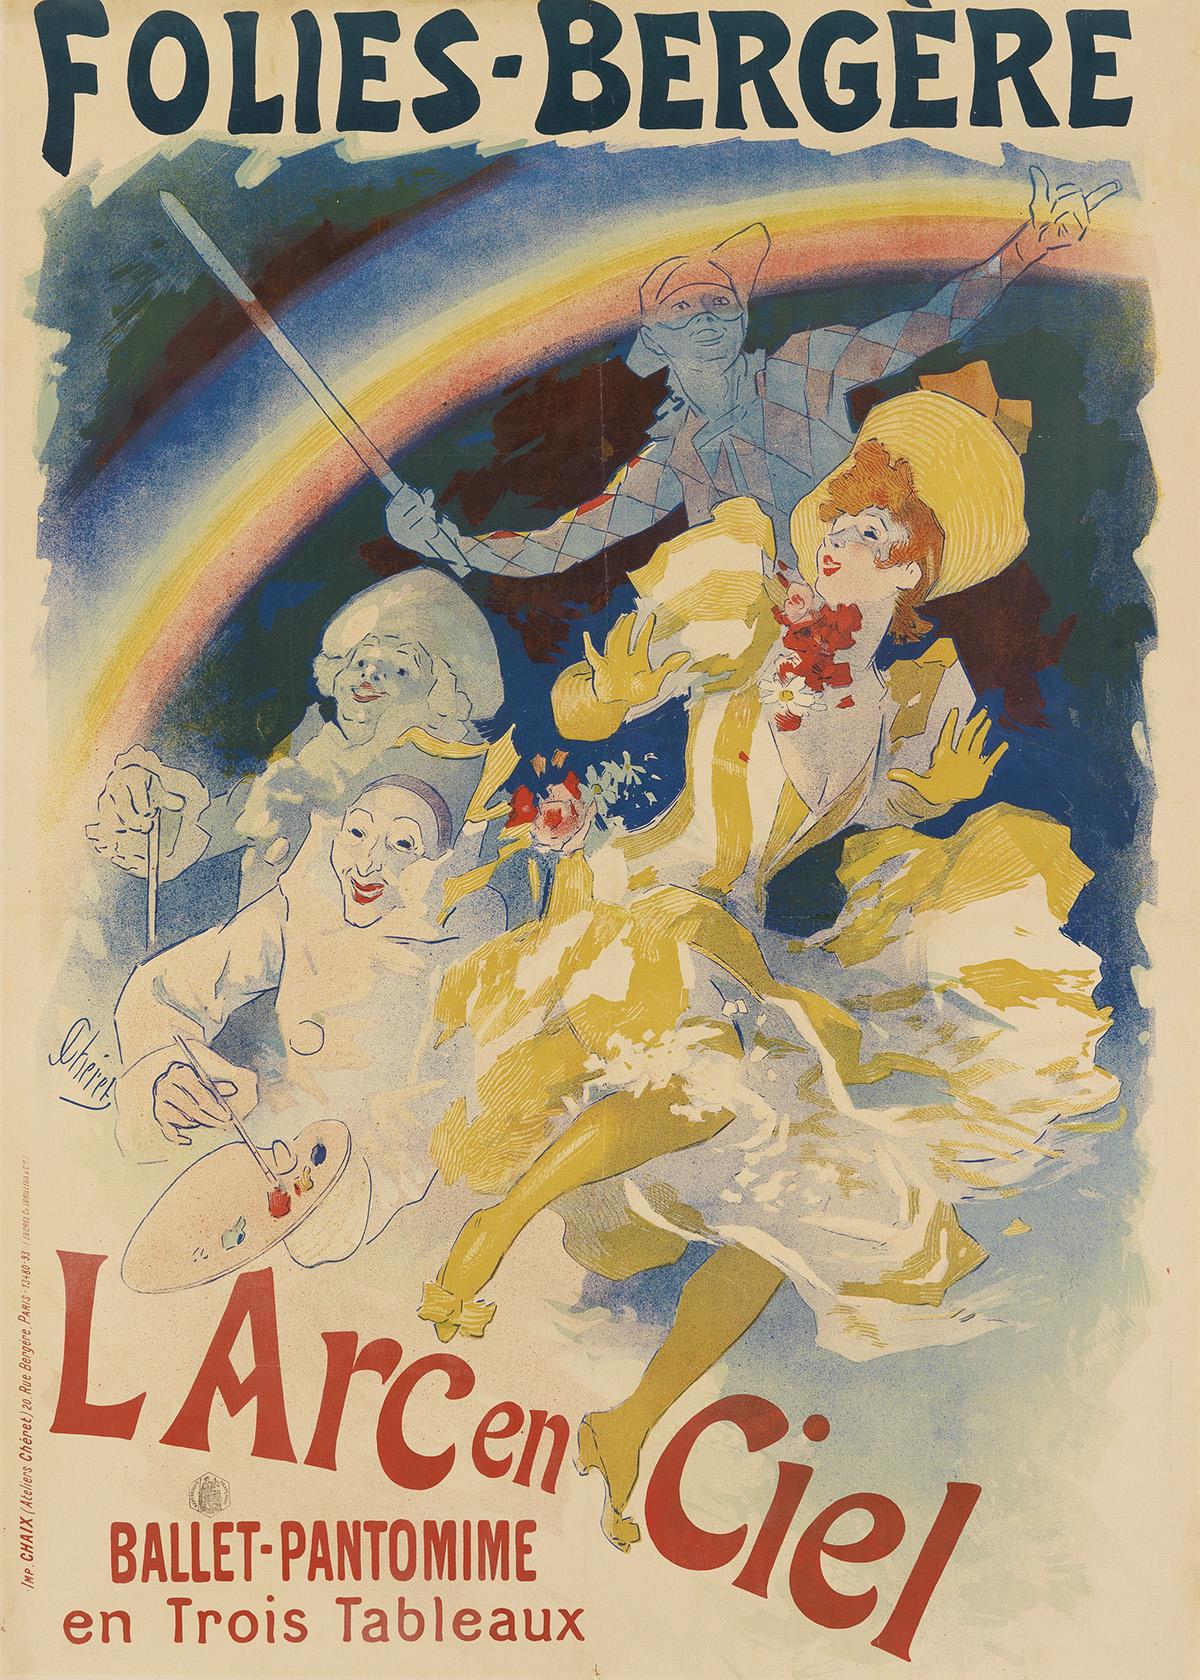 JULES-CHÉRET-(1836-1932)-FOLIES---BERGÈRE--LARC-EN-CIEL-1893